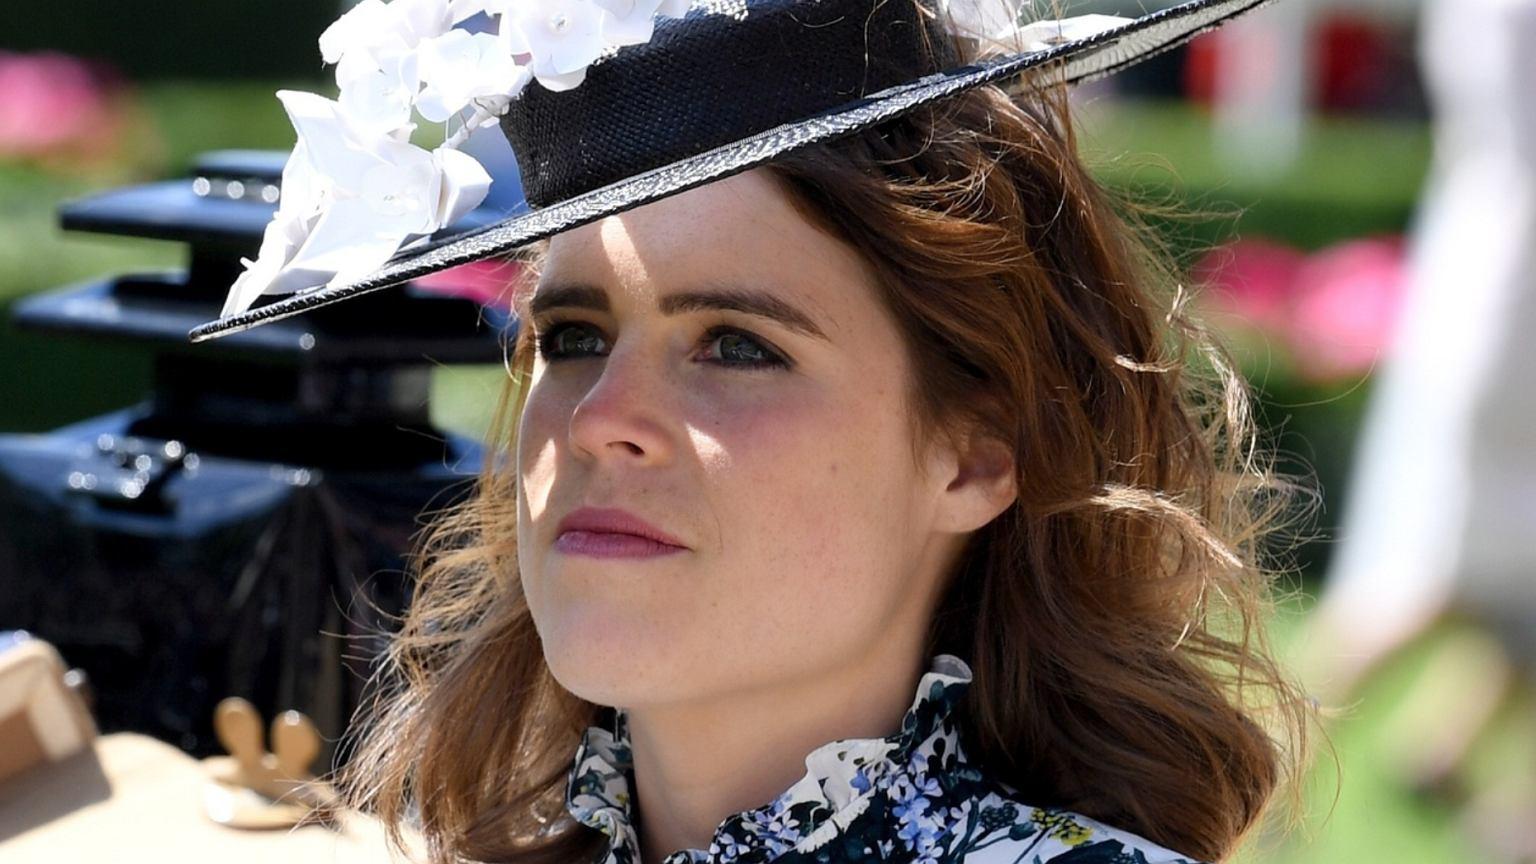 Księżniczka Eugenia wychodzi za mąż w ten piątek. Przed ślubem postanowiła się odchudzić. I wygląda świetnie!